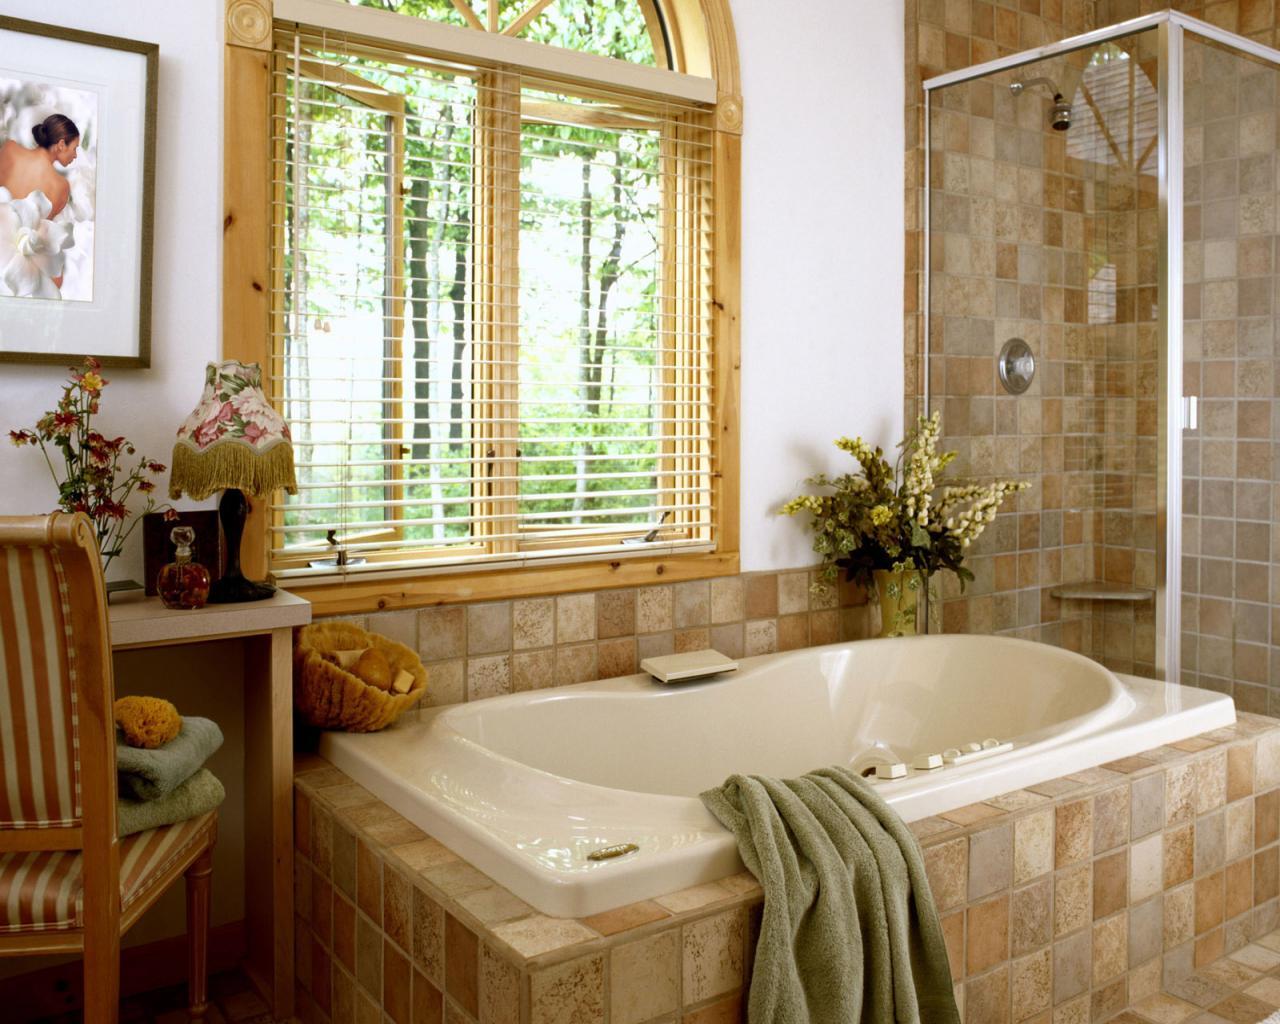 рисунок кафеля в ванной комнате